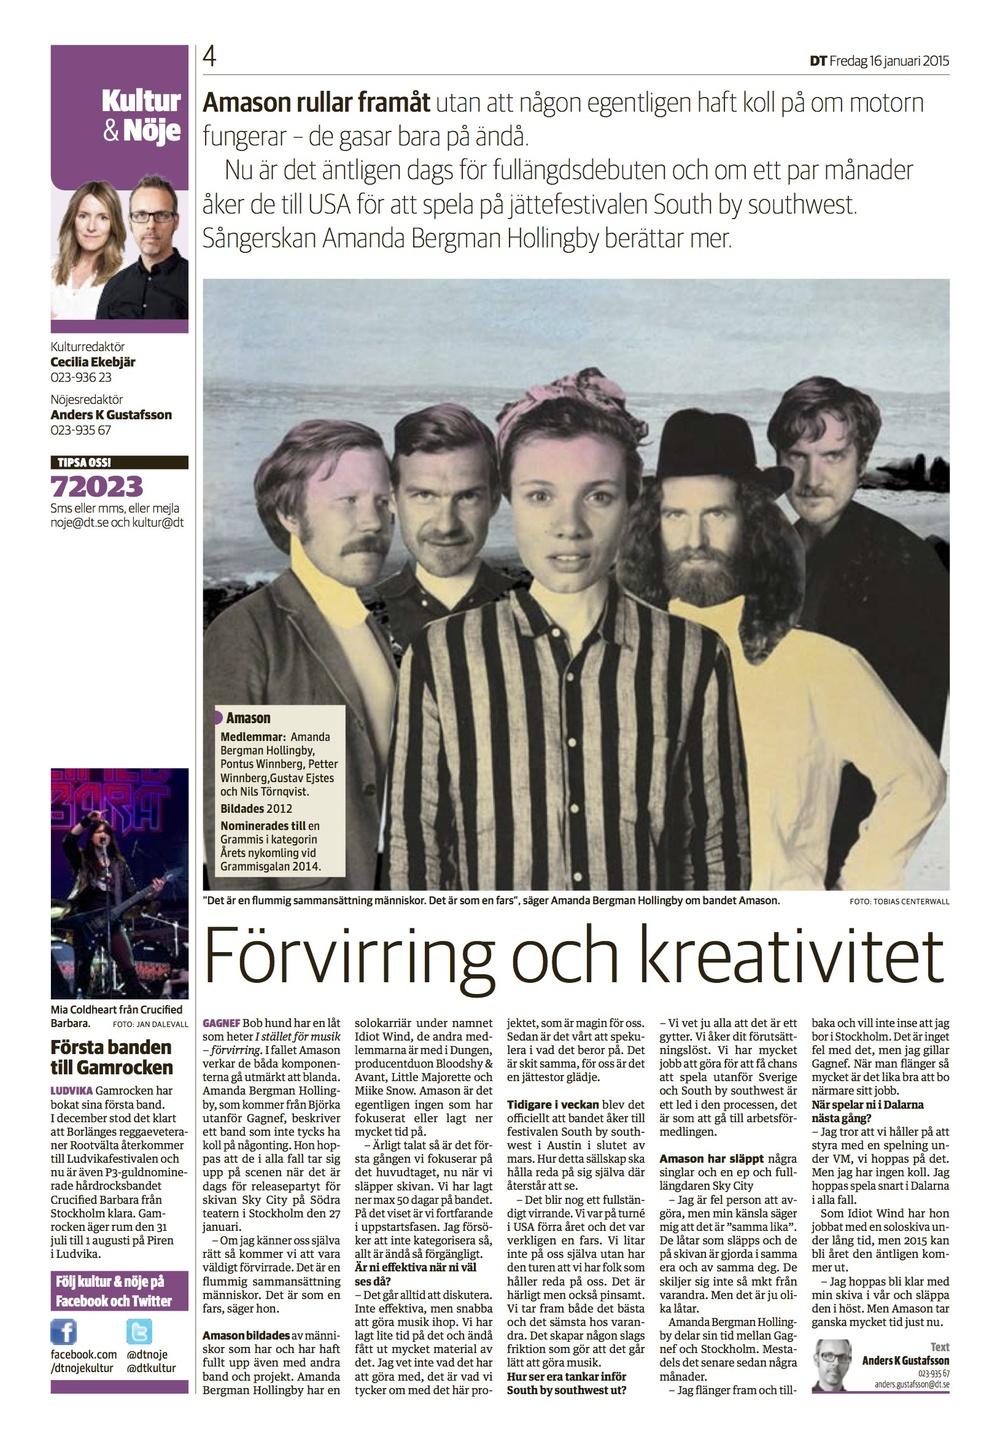 Dalarnas tidning - Amason.jpg